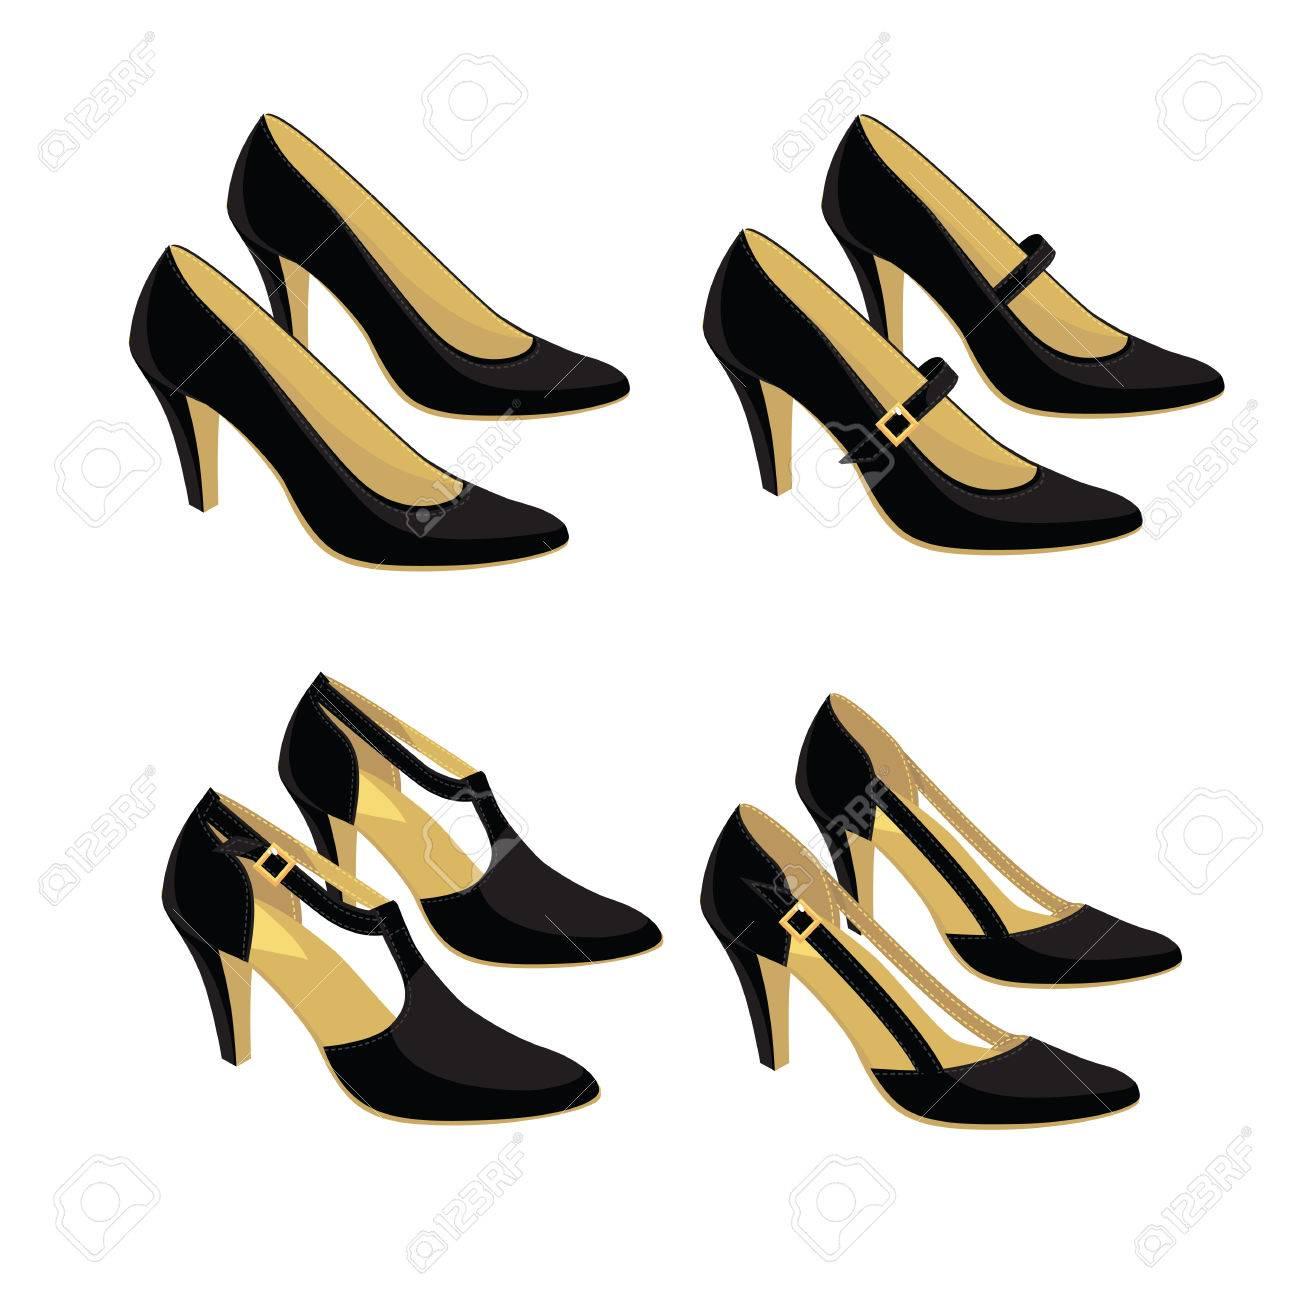 Diferentes modelos de zapatos clásicos